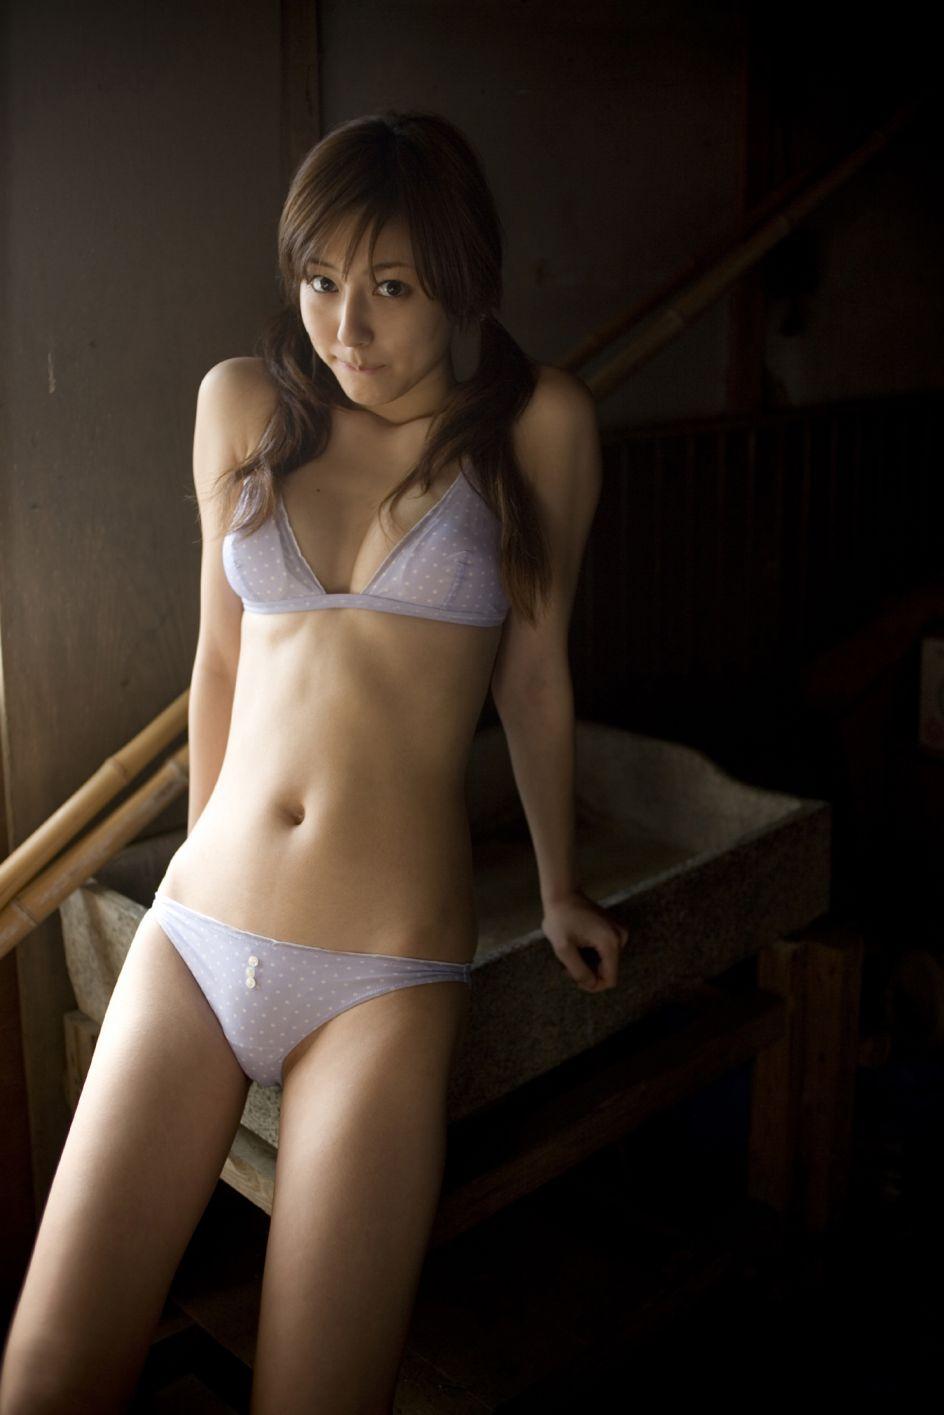 http://file.embraer170.blog.shinobi.jp/20110108.jpg